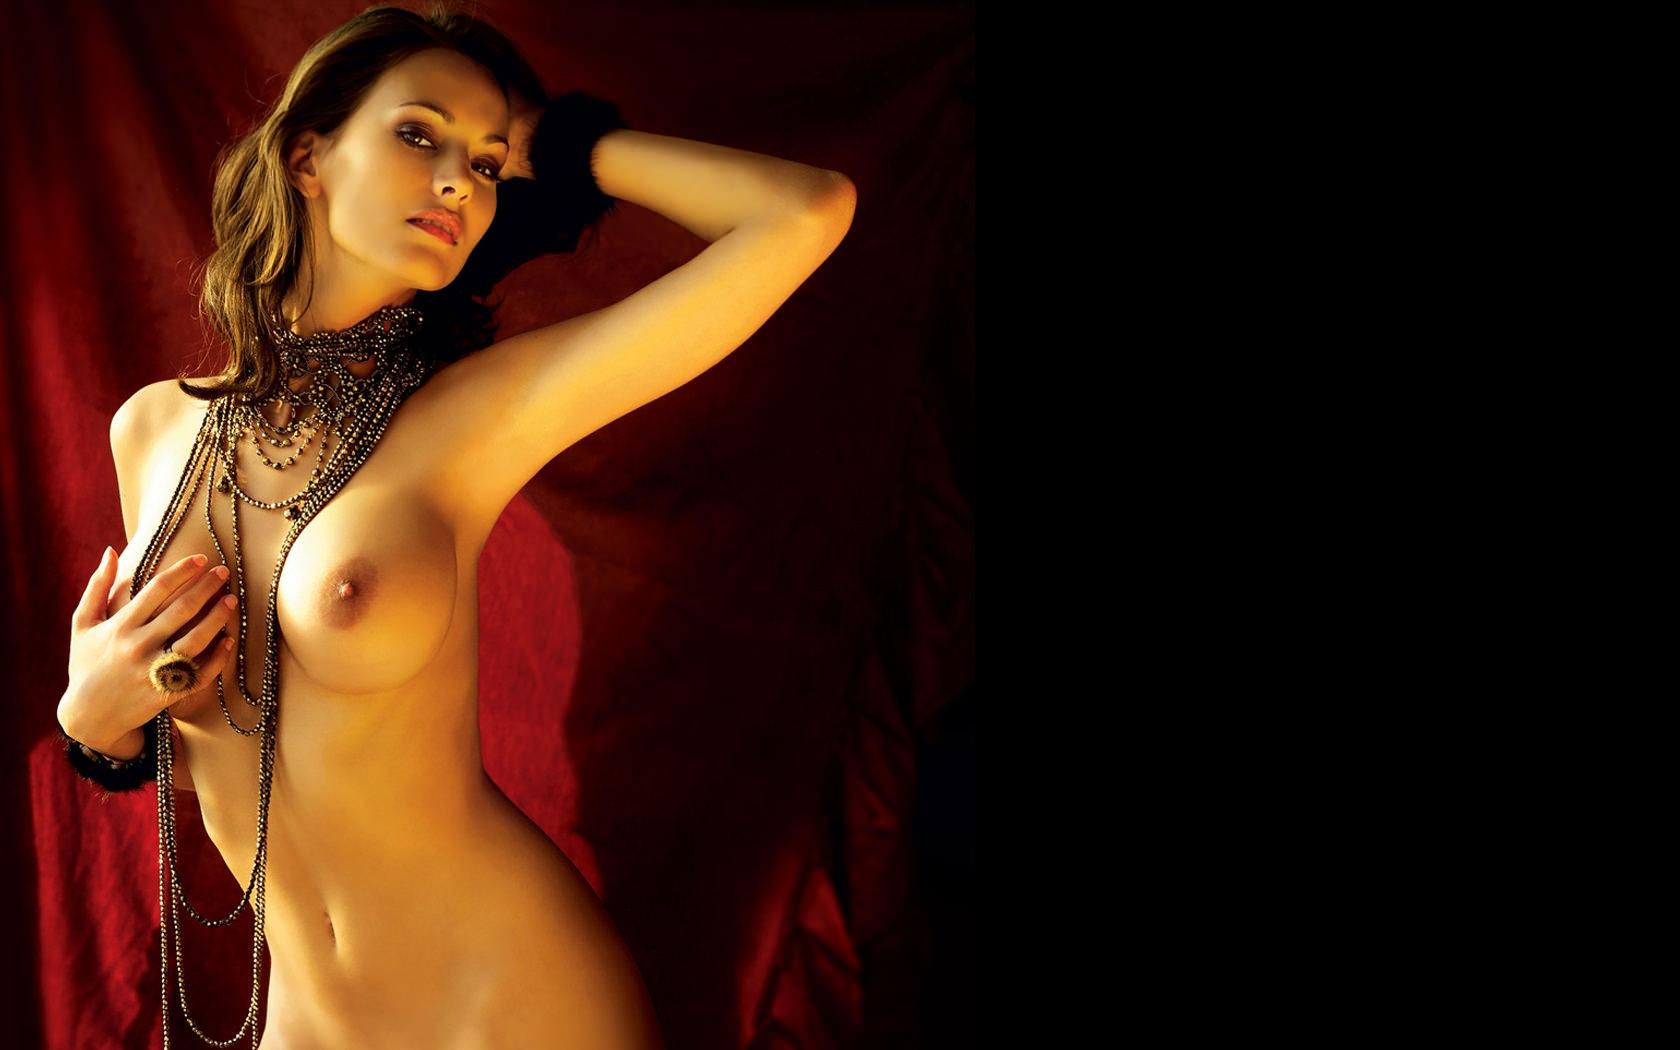 Фото Соблазнительная голая девушка с черными бусами на шее, красивые голые сиськи, прикрыла одну сиську рукой, соблазн в темноте. Naked girl, nice tits, round tits, nipple, black and red background, beads, sexy, скачать картинку бесплатно